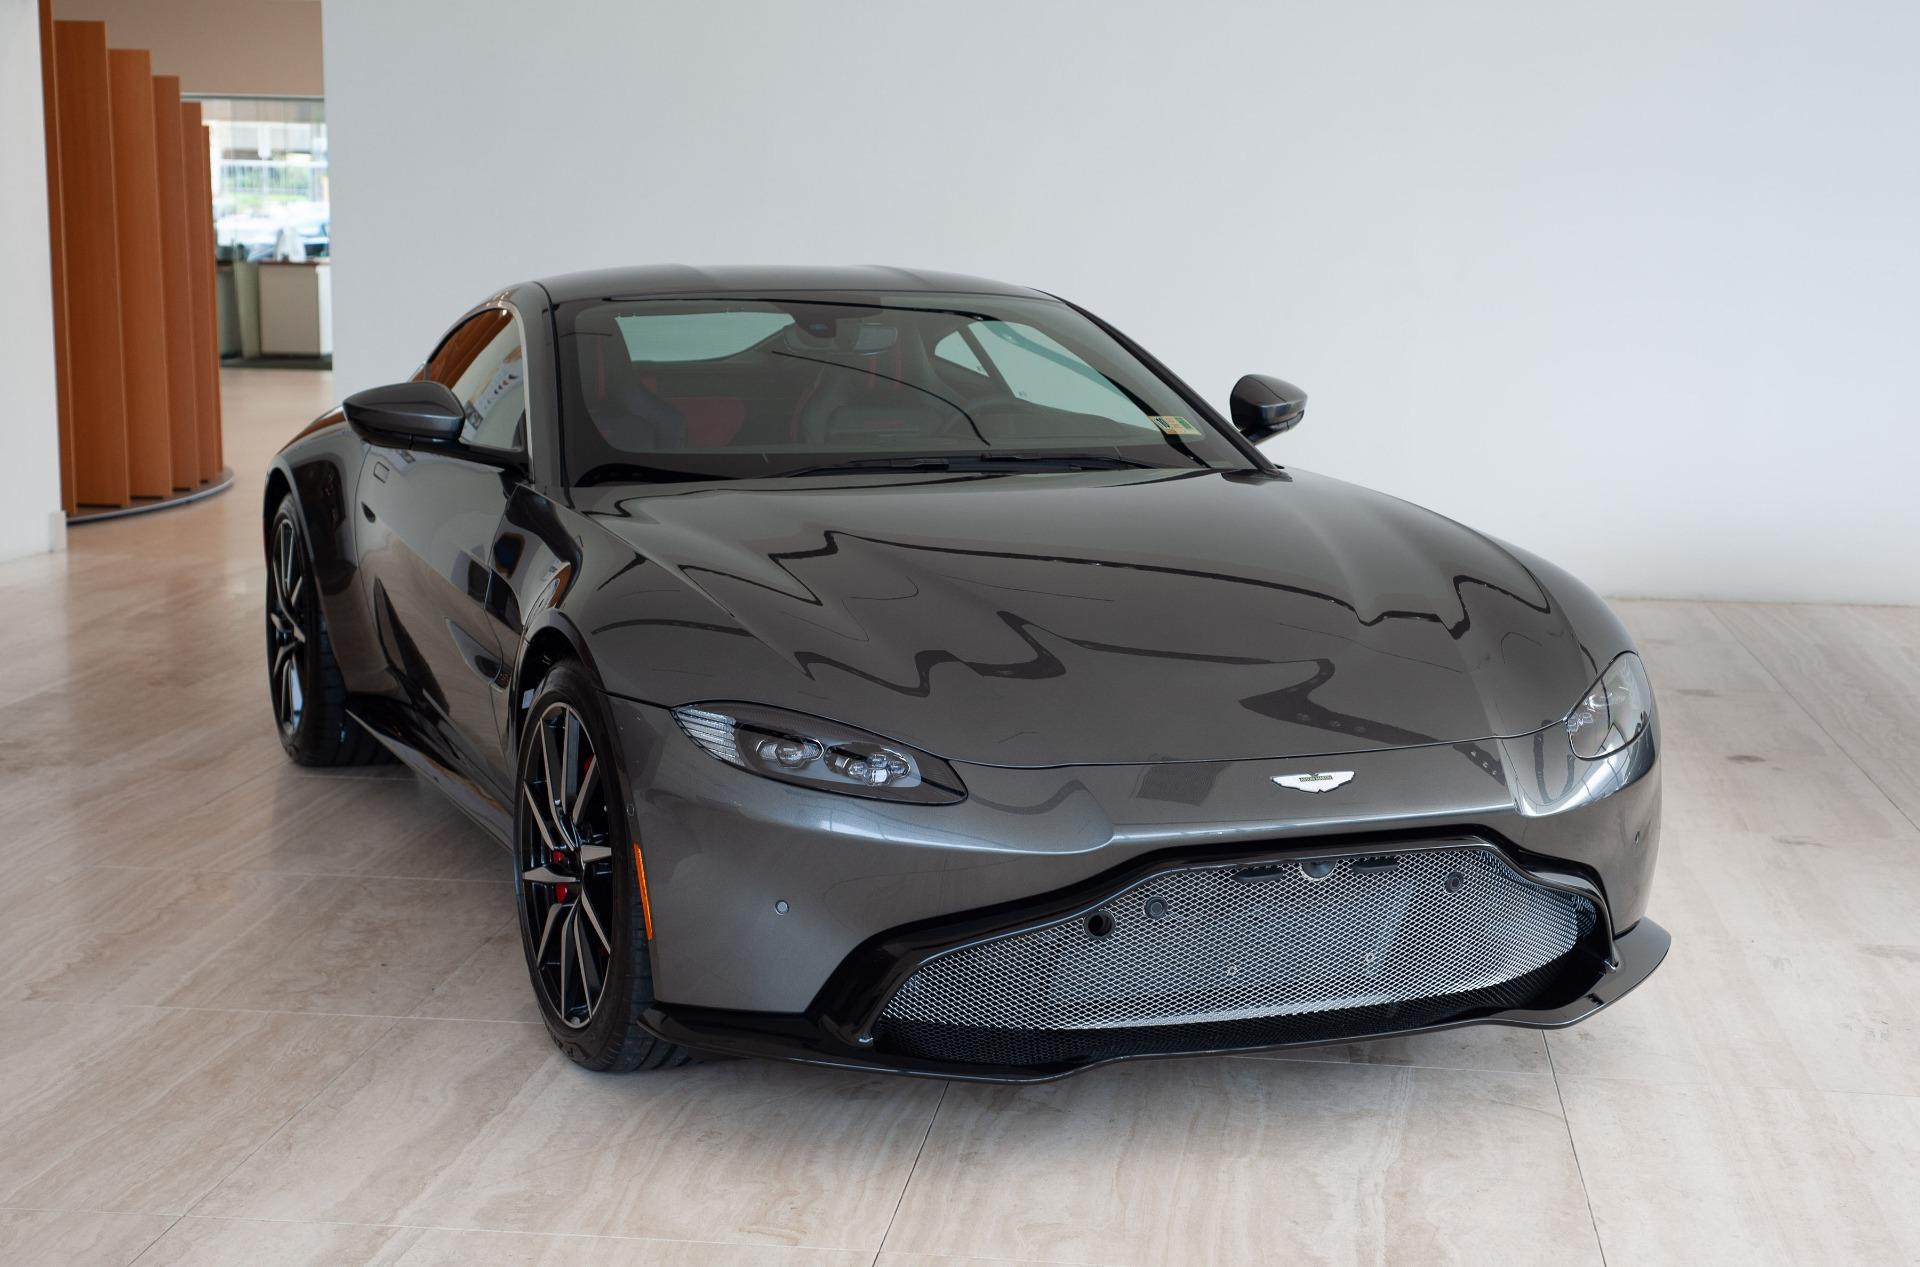 2019 Aston Martin Vantage Stock 9nn00941 For Sale Near Vienna Va Va Aston Martin Dealer